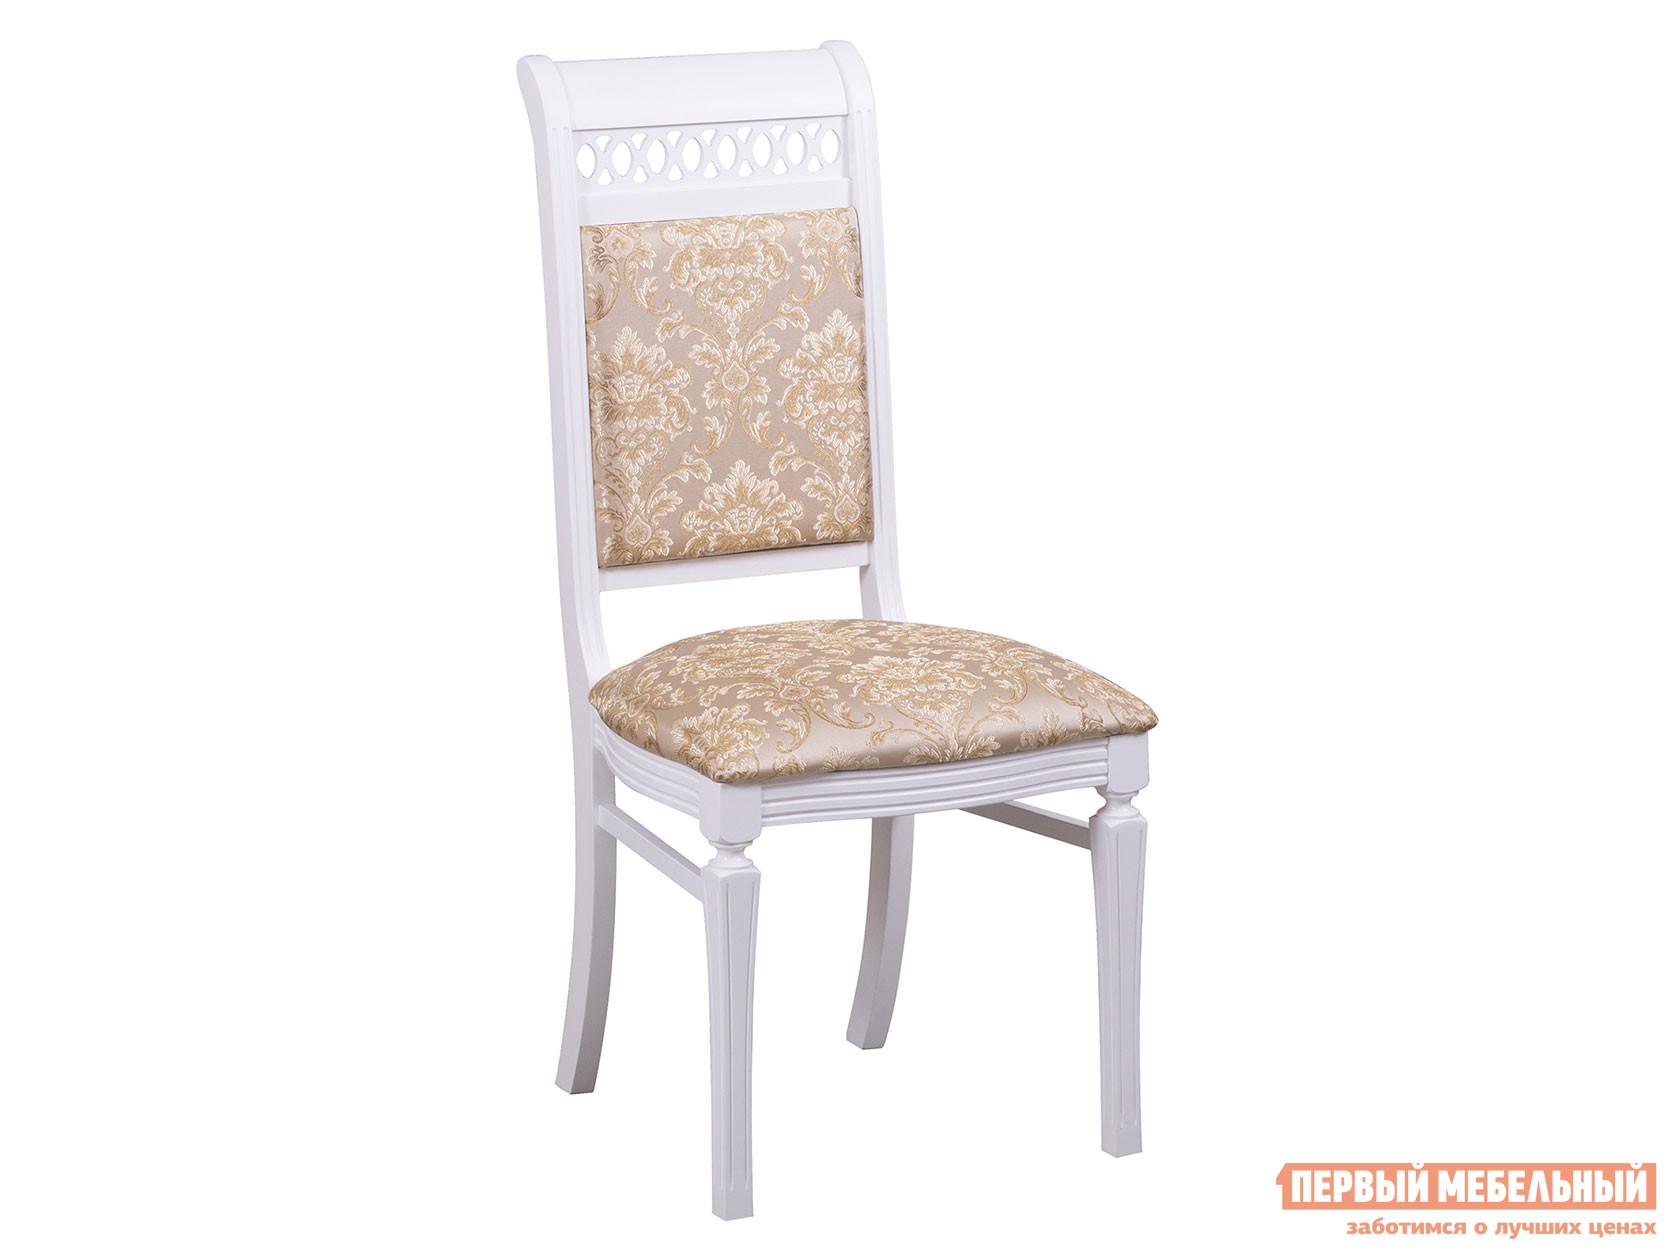 Стул  Флоренция 1 Белый матовый Мебвилл 91775